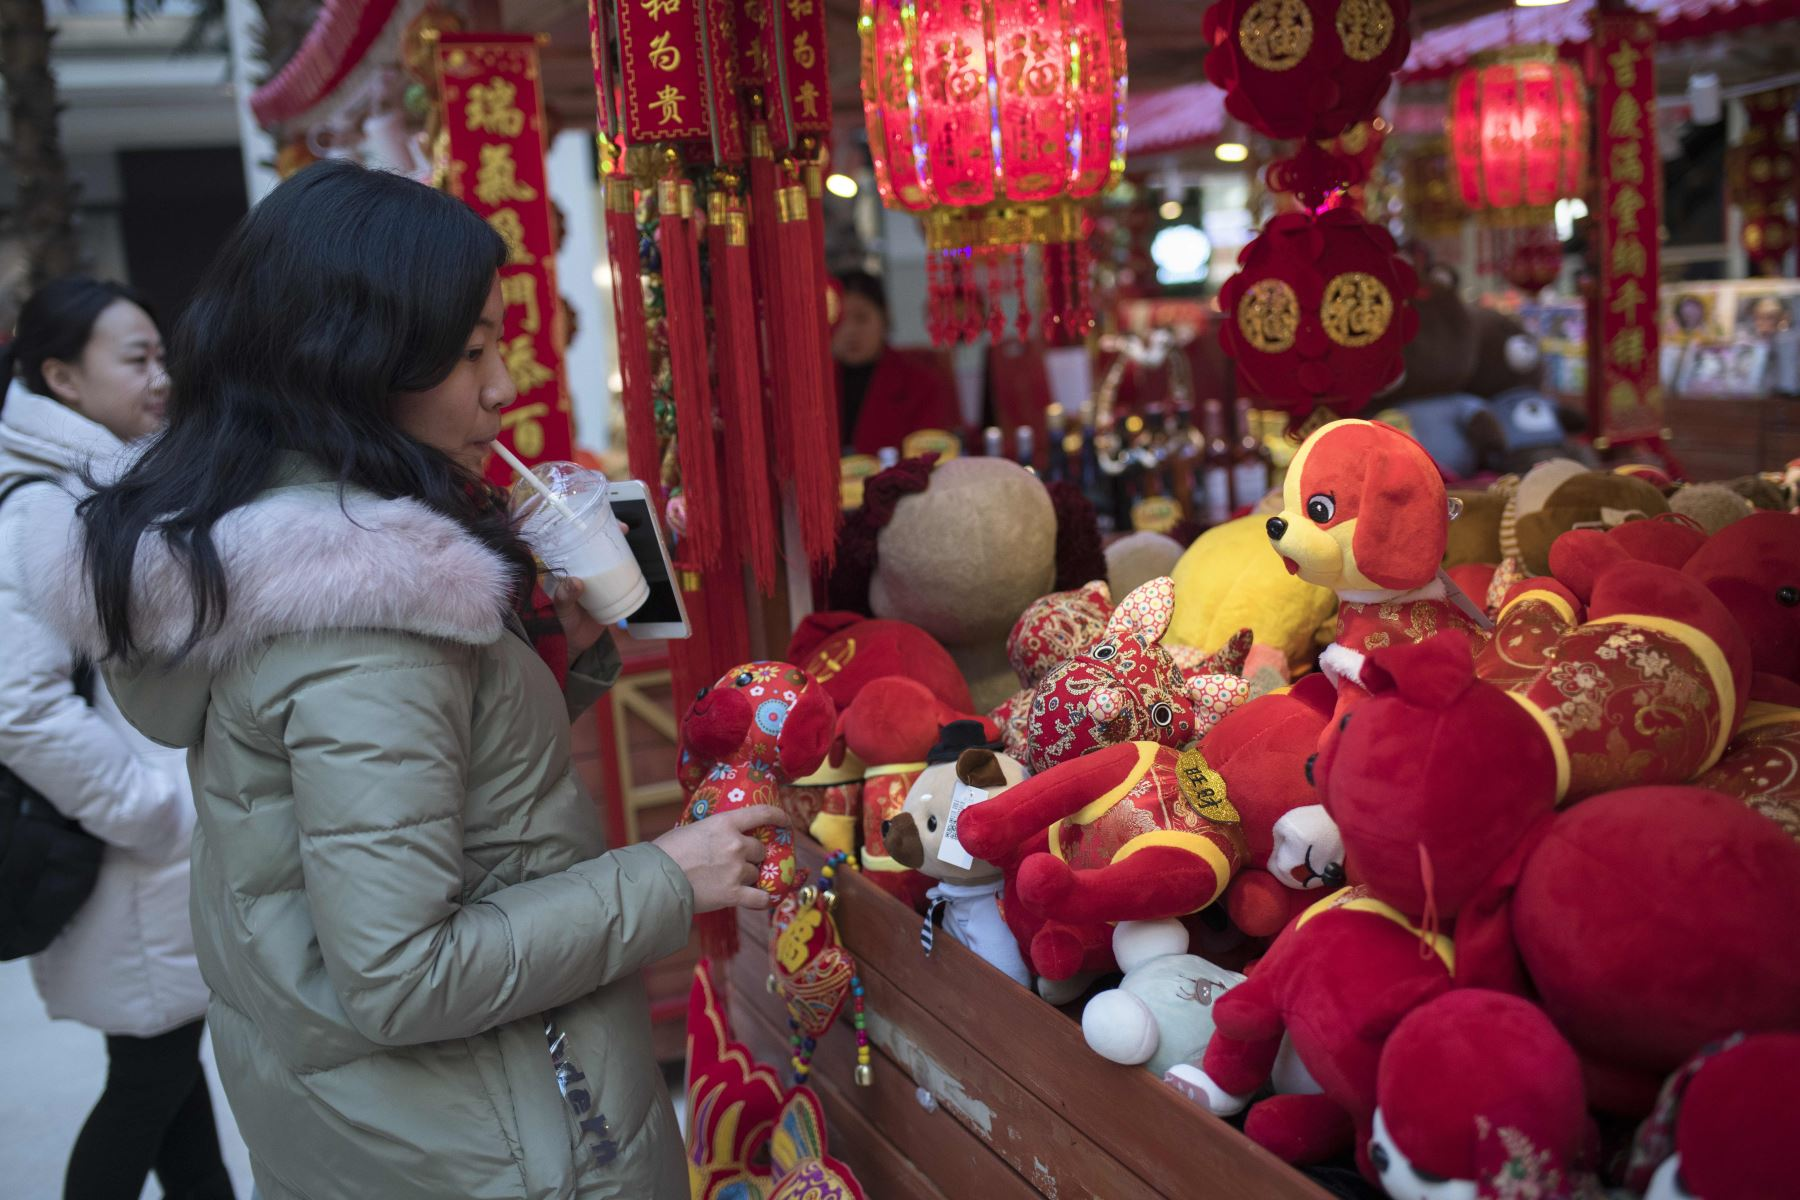 Consumo impulsa crecimiento de la economía china. AFP